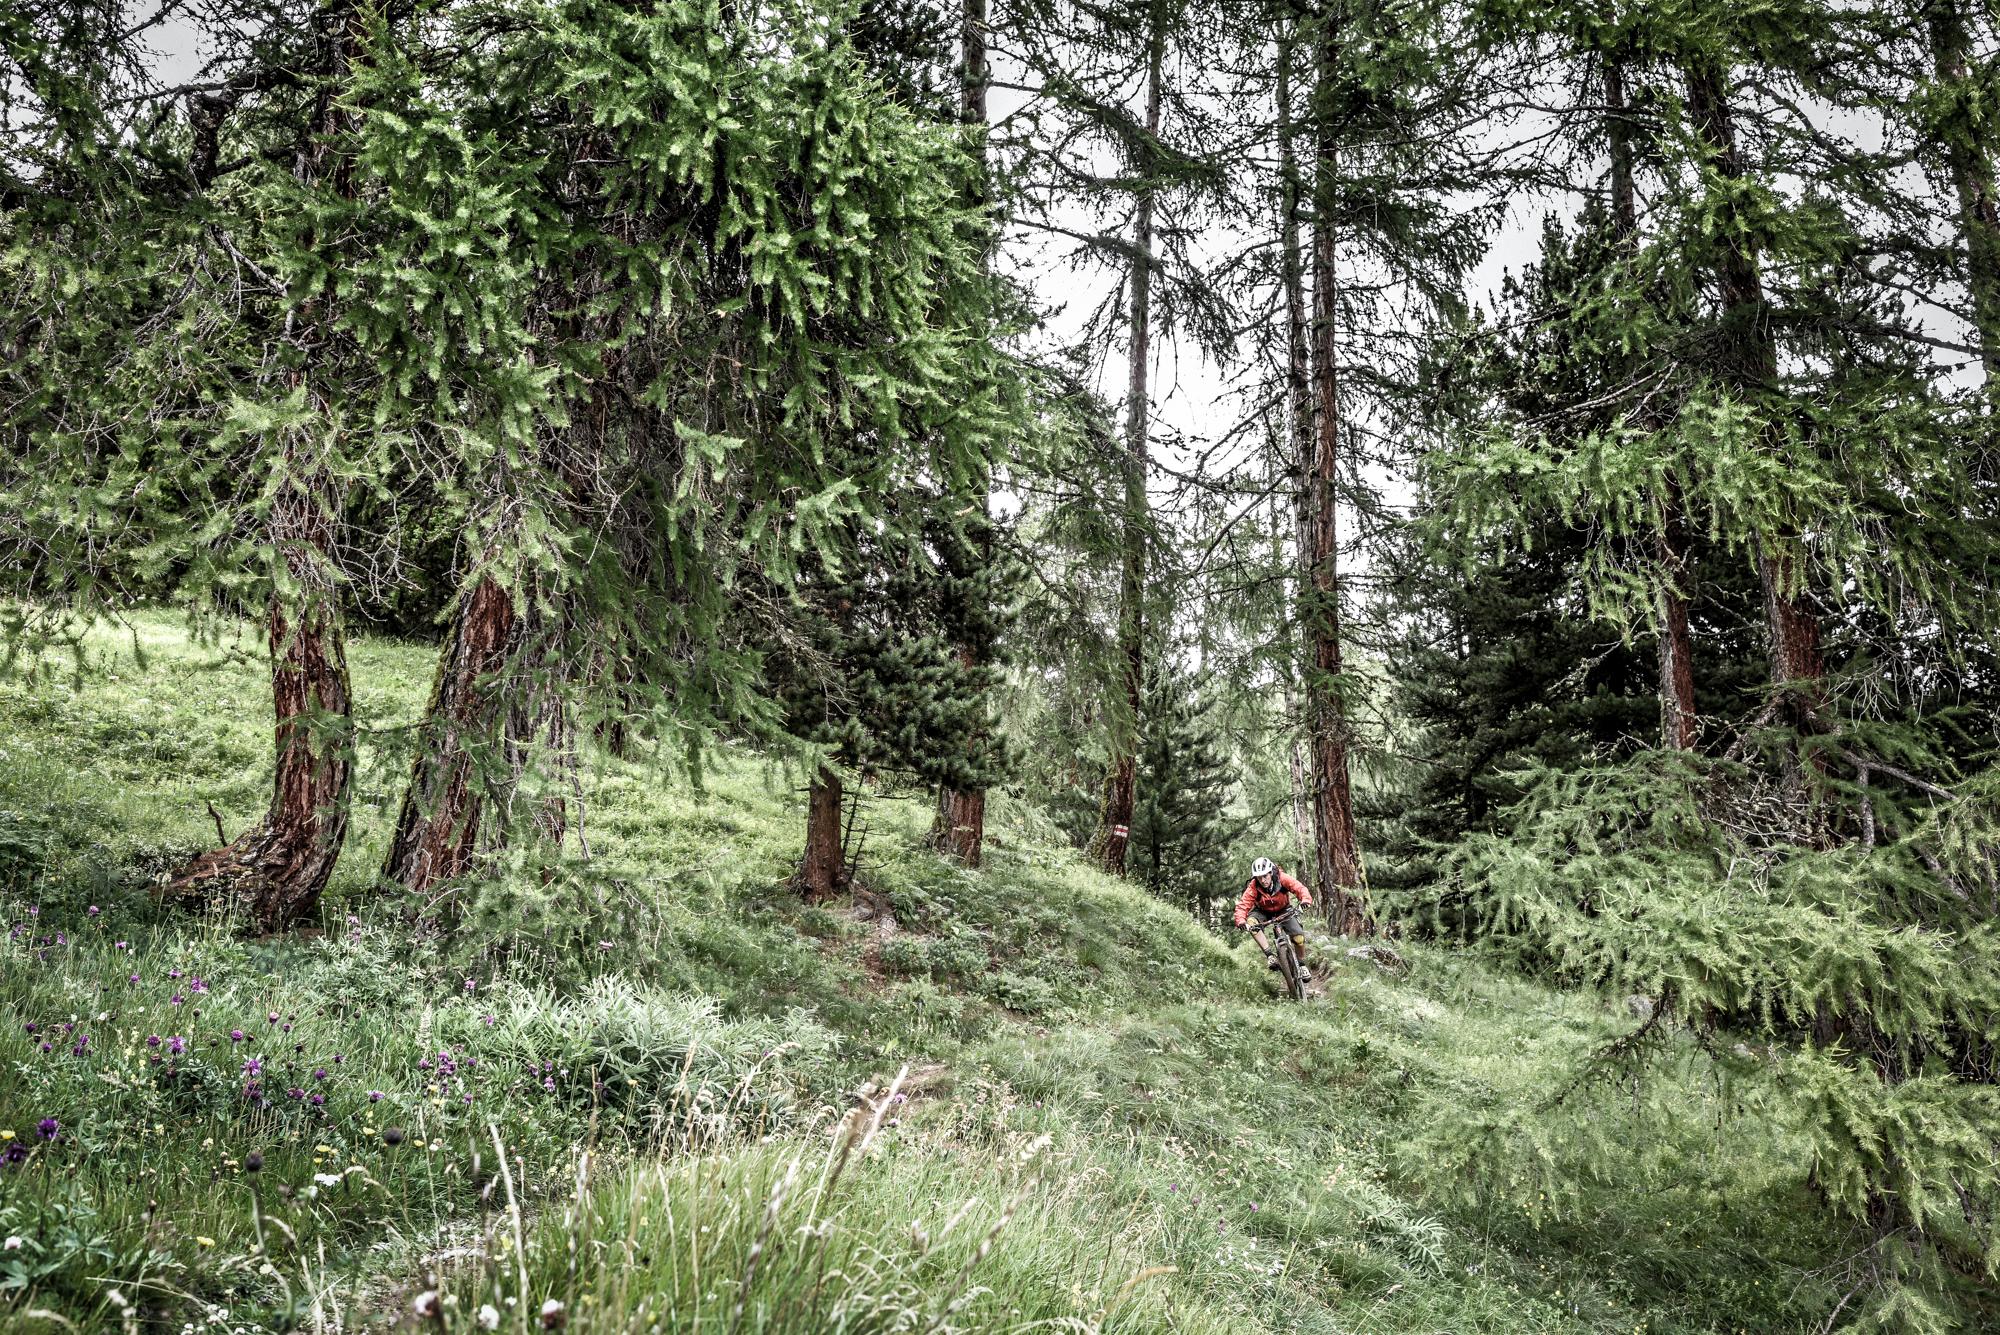 St_Moritz_020.jpg